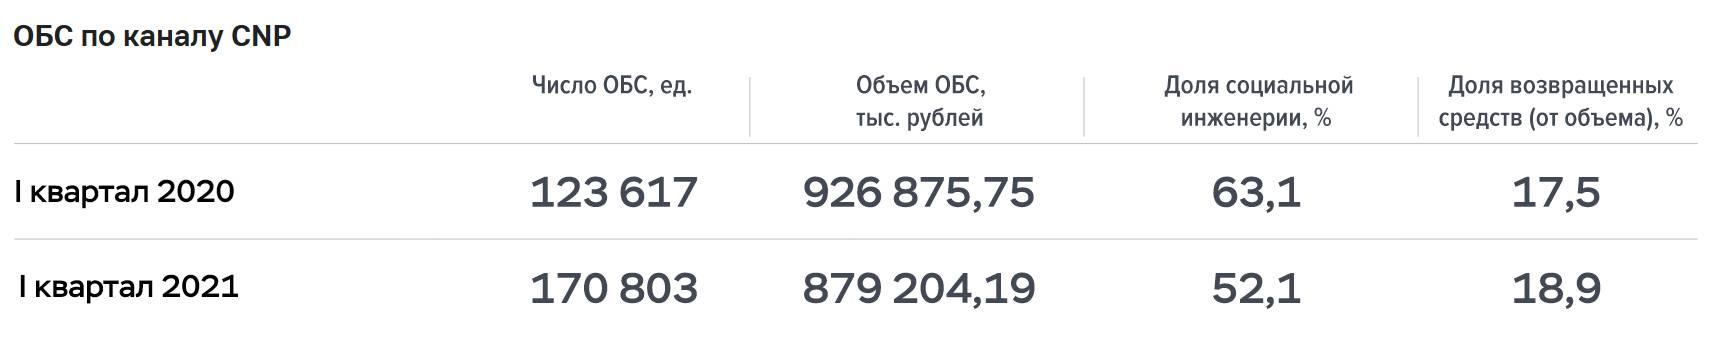 Обзор Банка России: основные тренды в сфере кибербезопасности